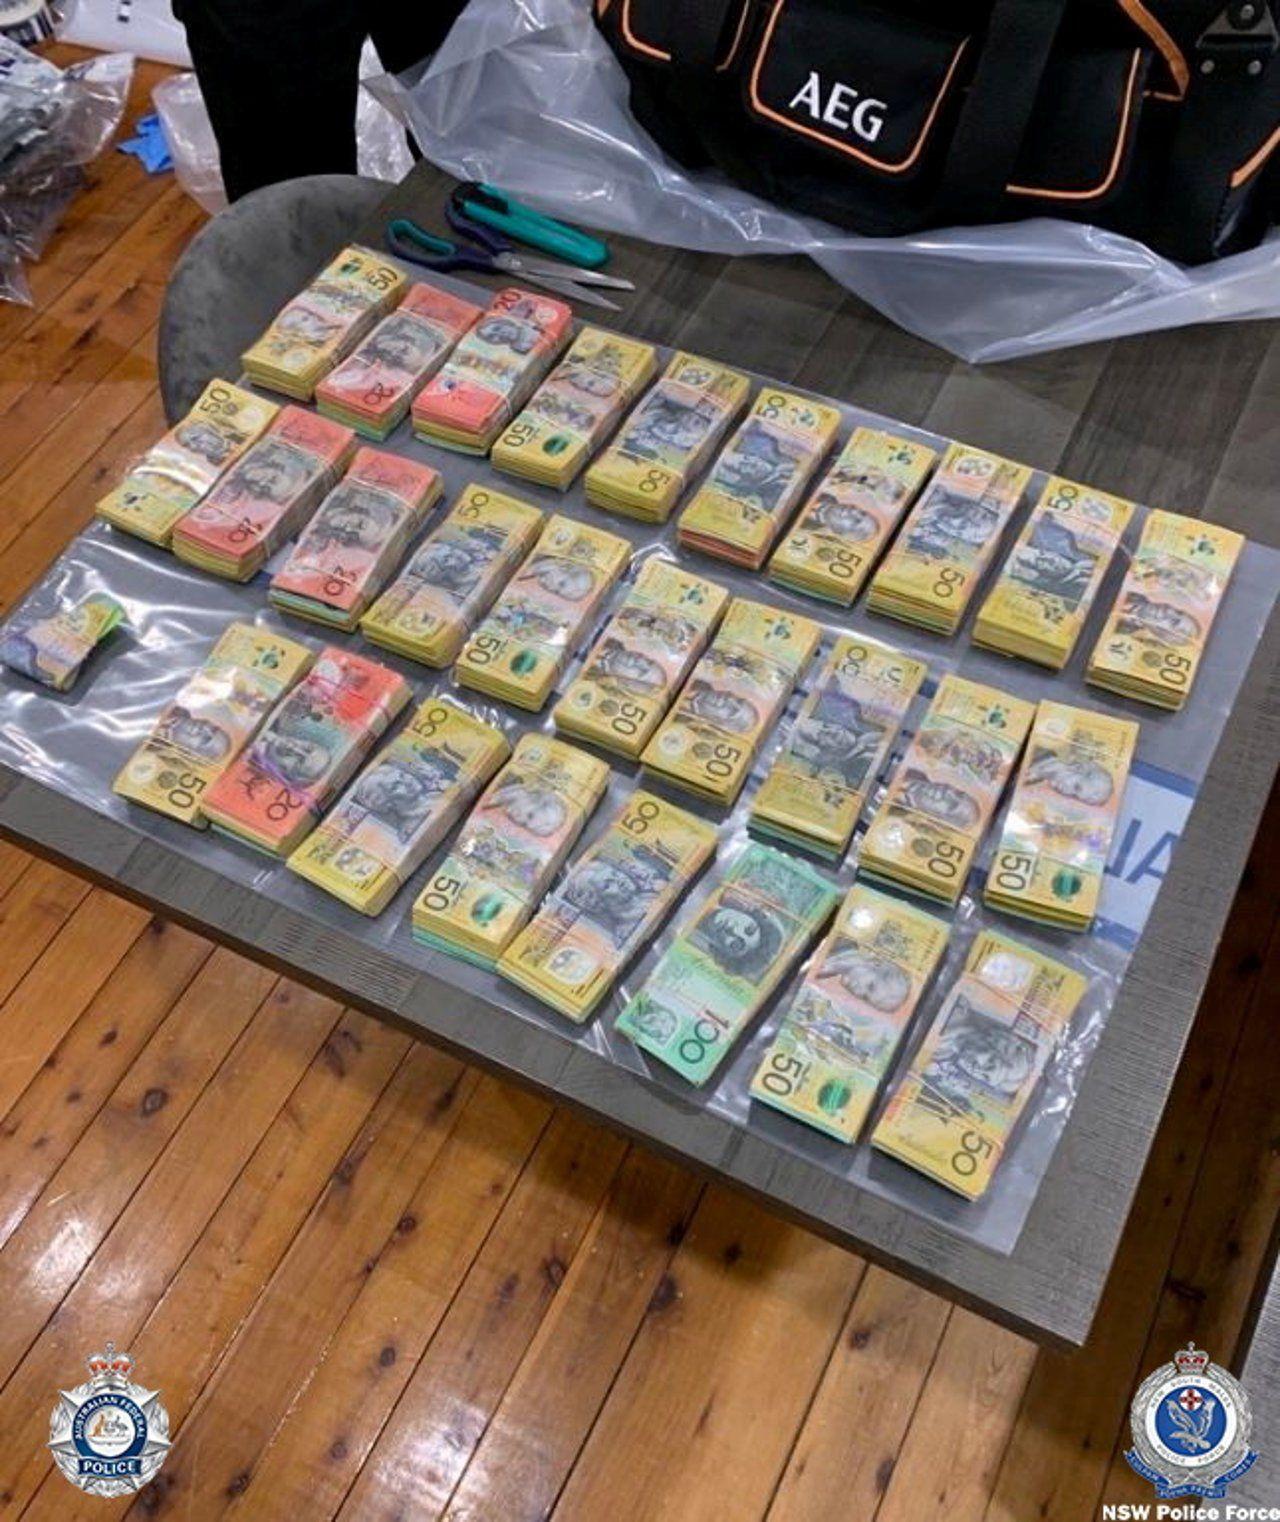 Küresel mafya operasyonunda ele geçirilen para, uyuşturucu ve silahların görüntüleri yayınlandı - Sayfa 2